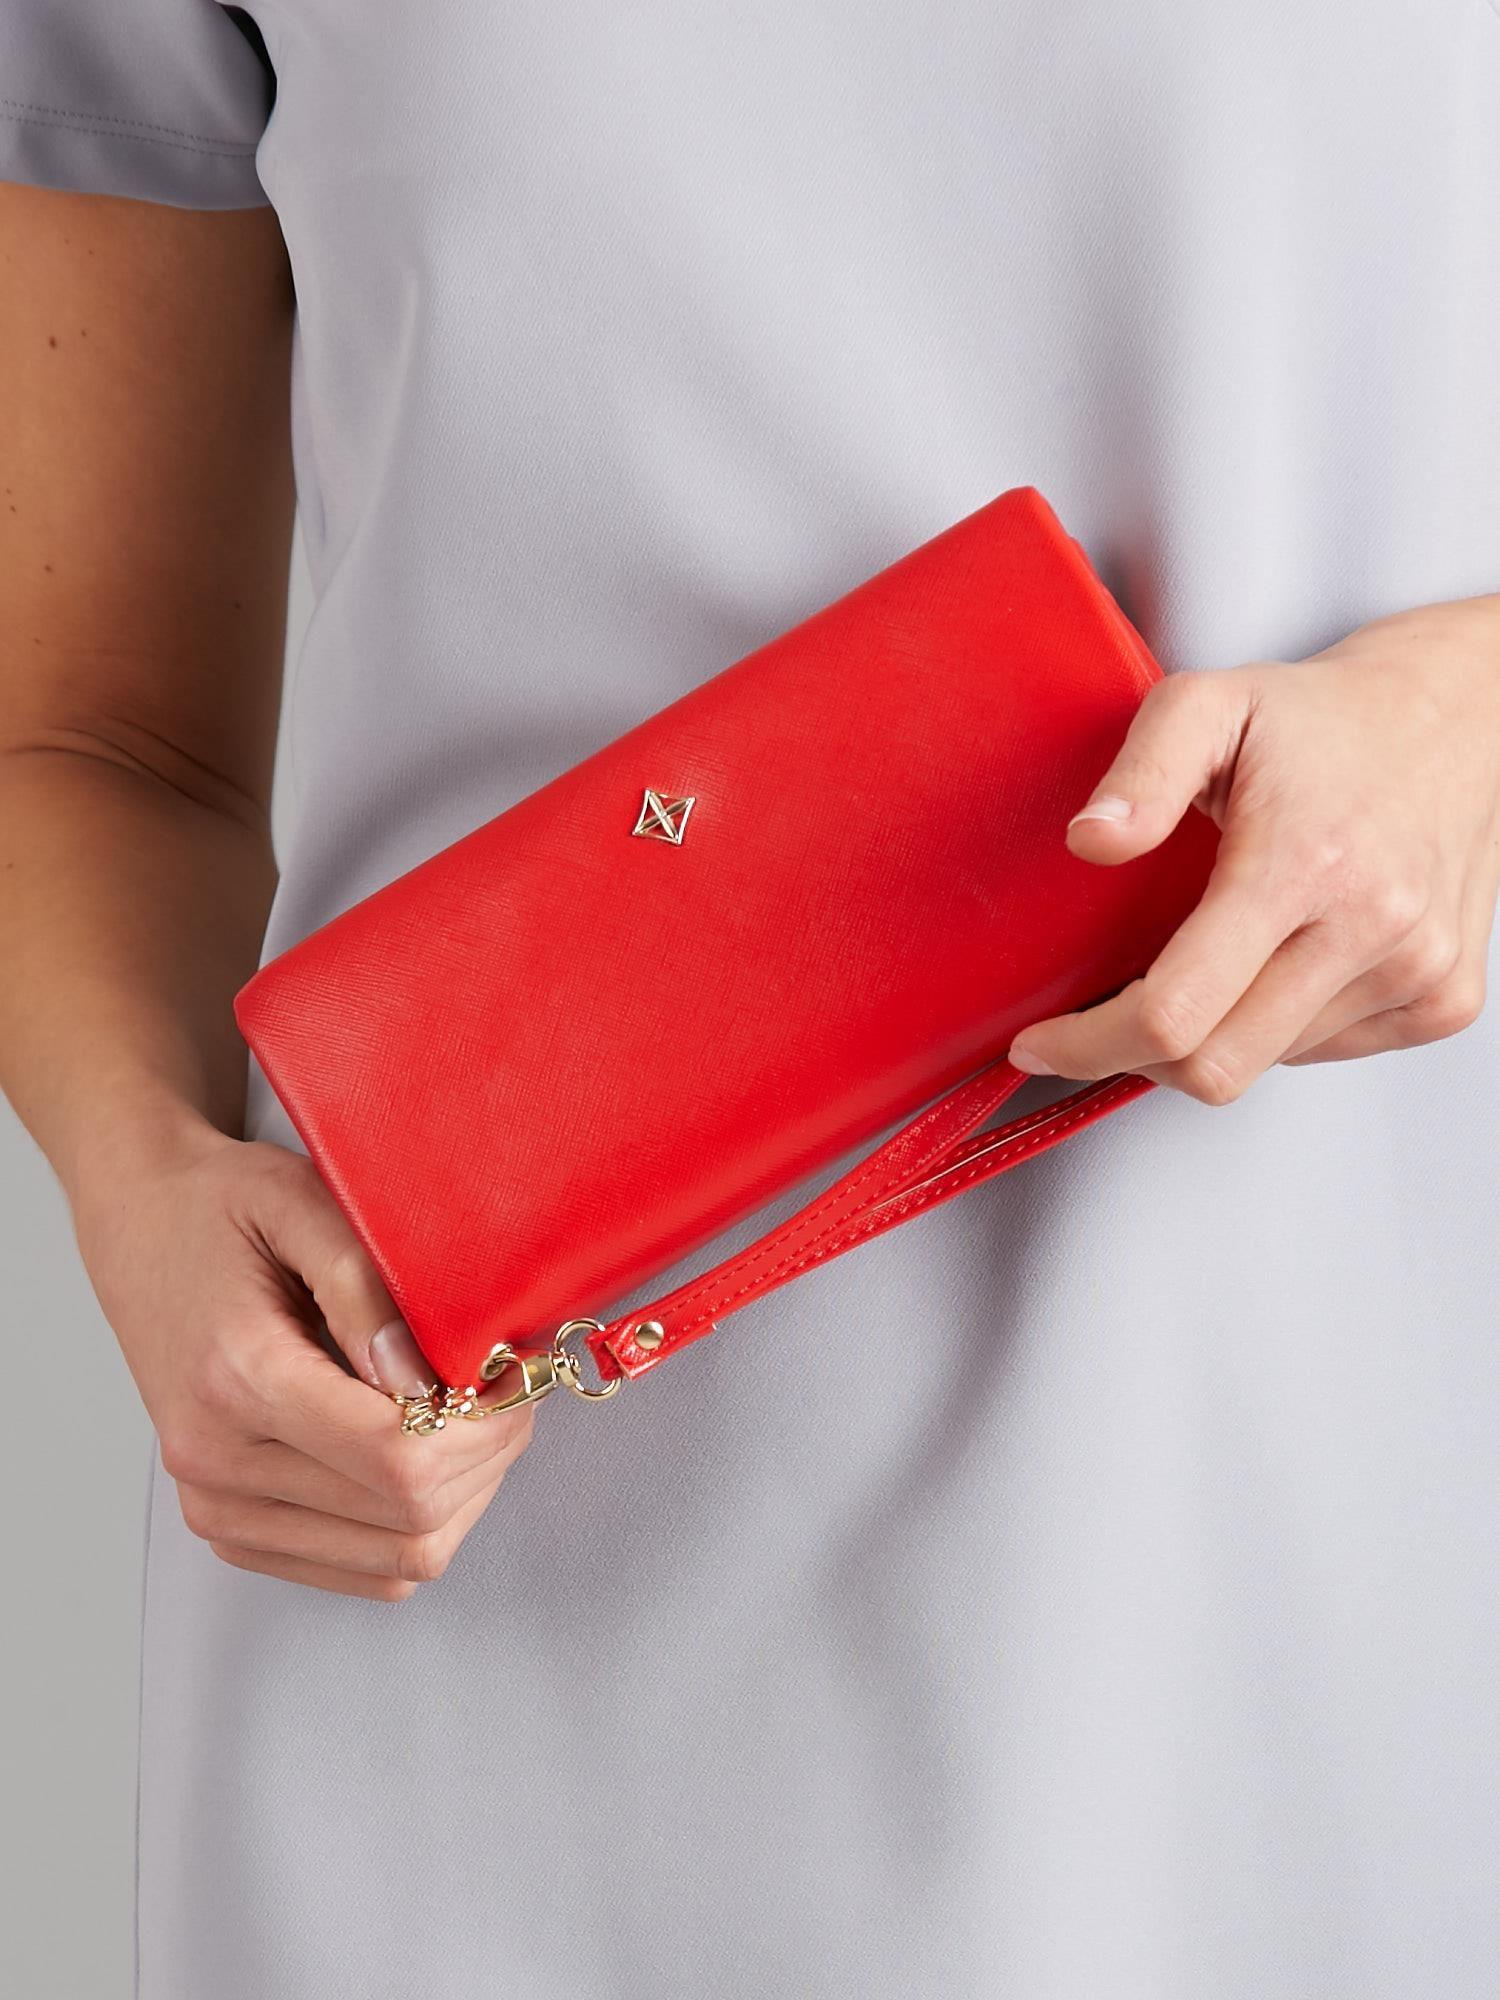 4e2cbce4c72bd Czerwony miękki podłużny portfel damski - Akcesoria portfele - sklep  eButik.pl